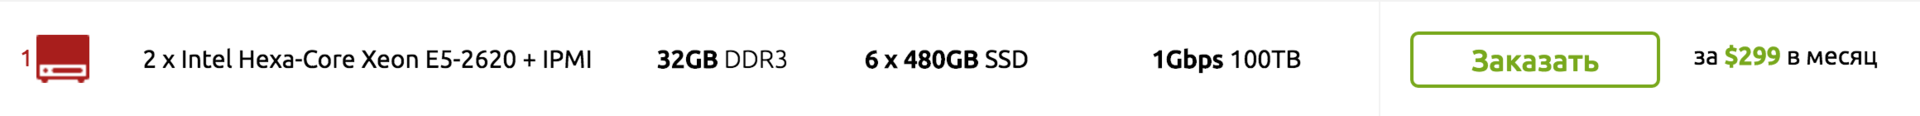 Cерверы с «устаревшими» CPU или более высокая цена? Мы нашли компромисс! 2 x E5620 - 32GB DDR3 - 6 x 240GB SSD - 1Gbps? - 10